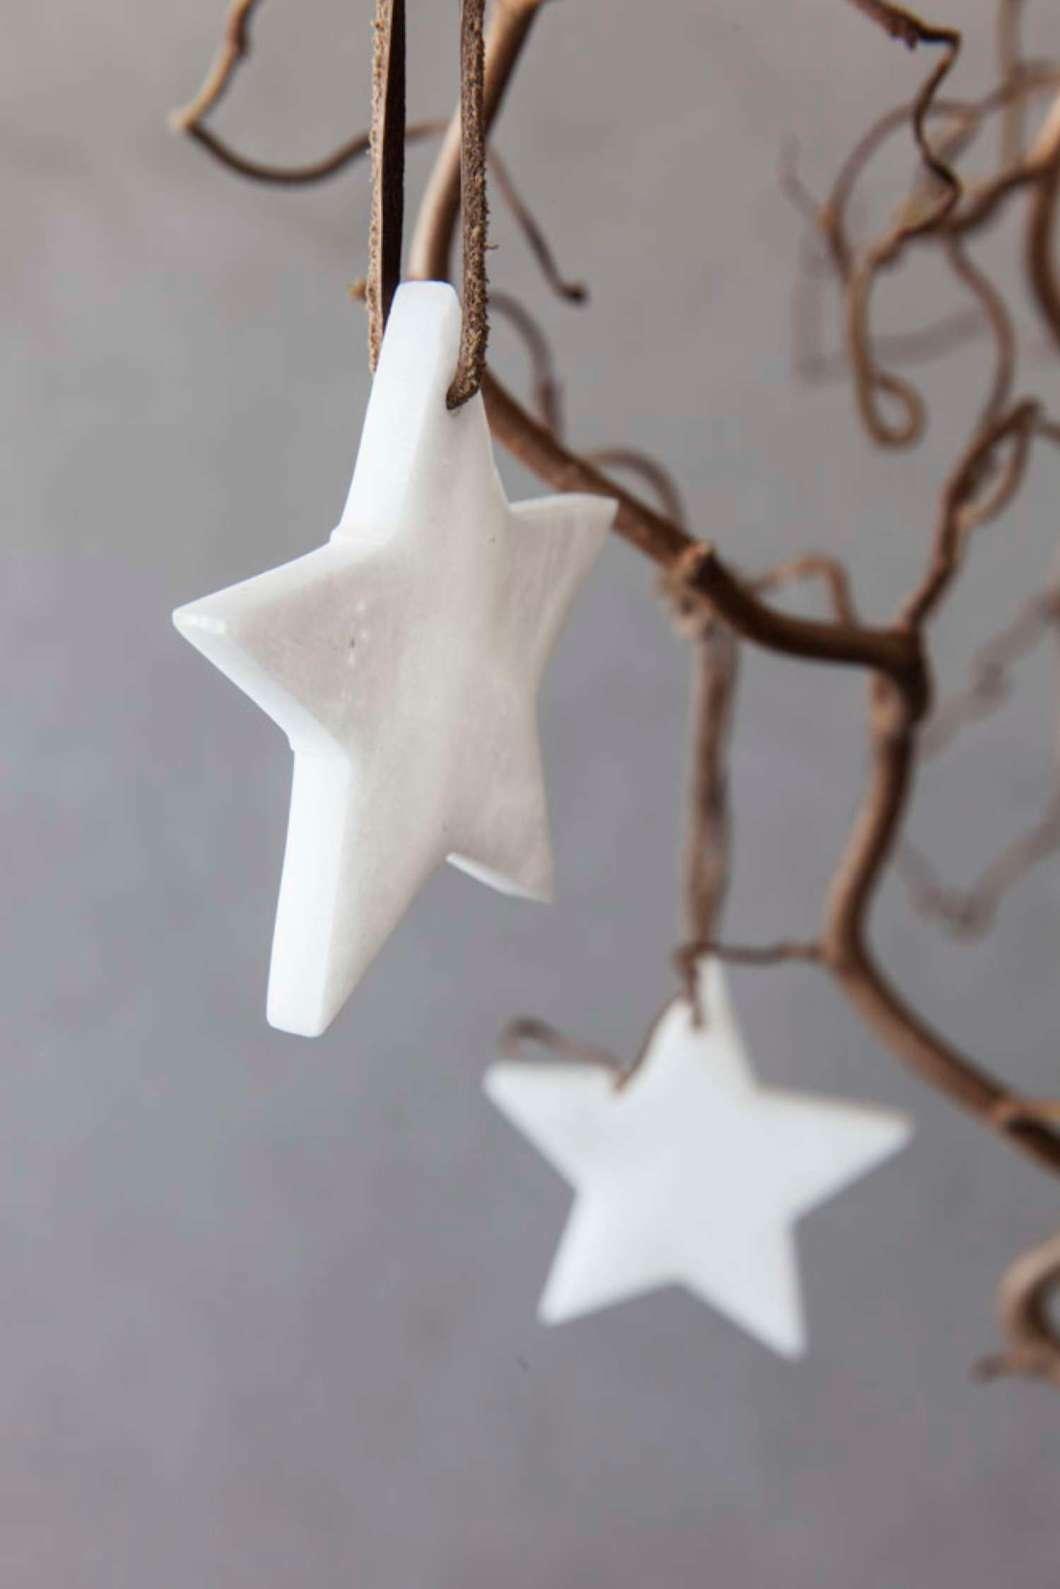 003 INTERIØRTIPS - JULEDEKORASJONER Trollhassel med julekuler FOTO Mester Grønn.jpg